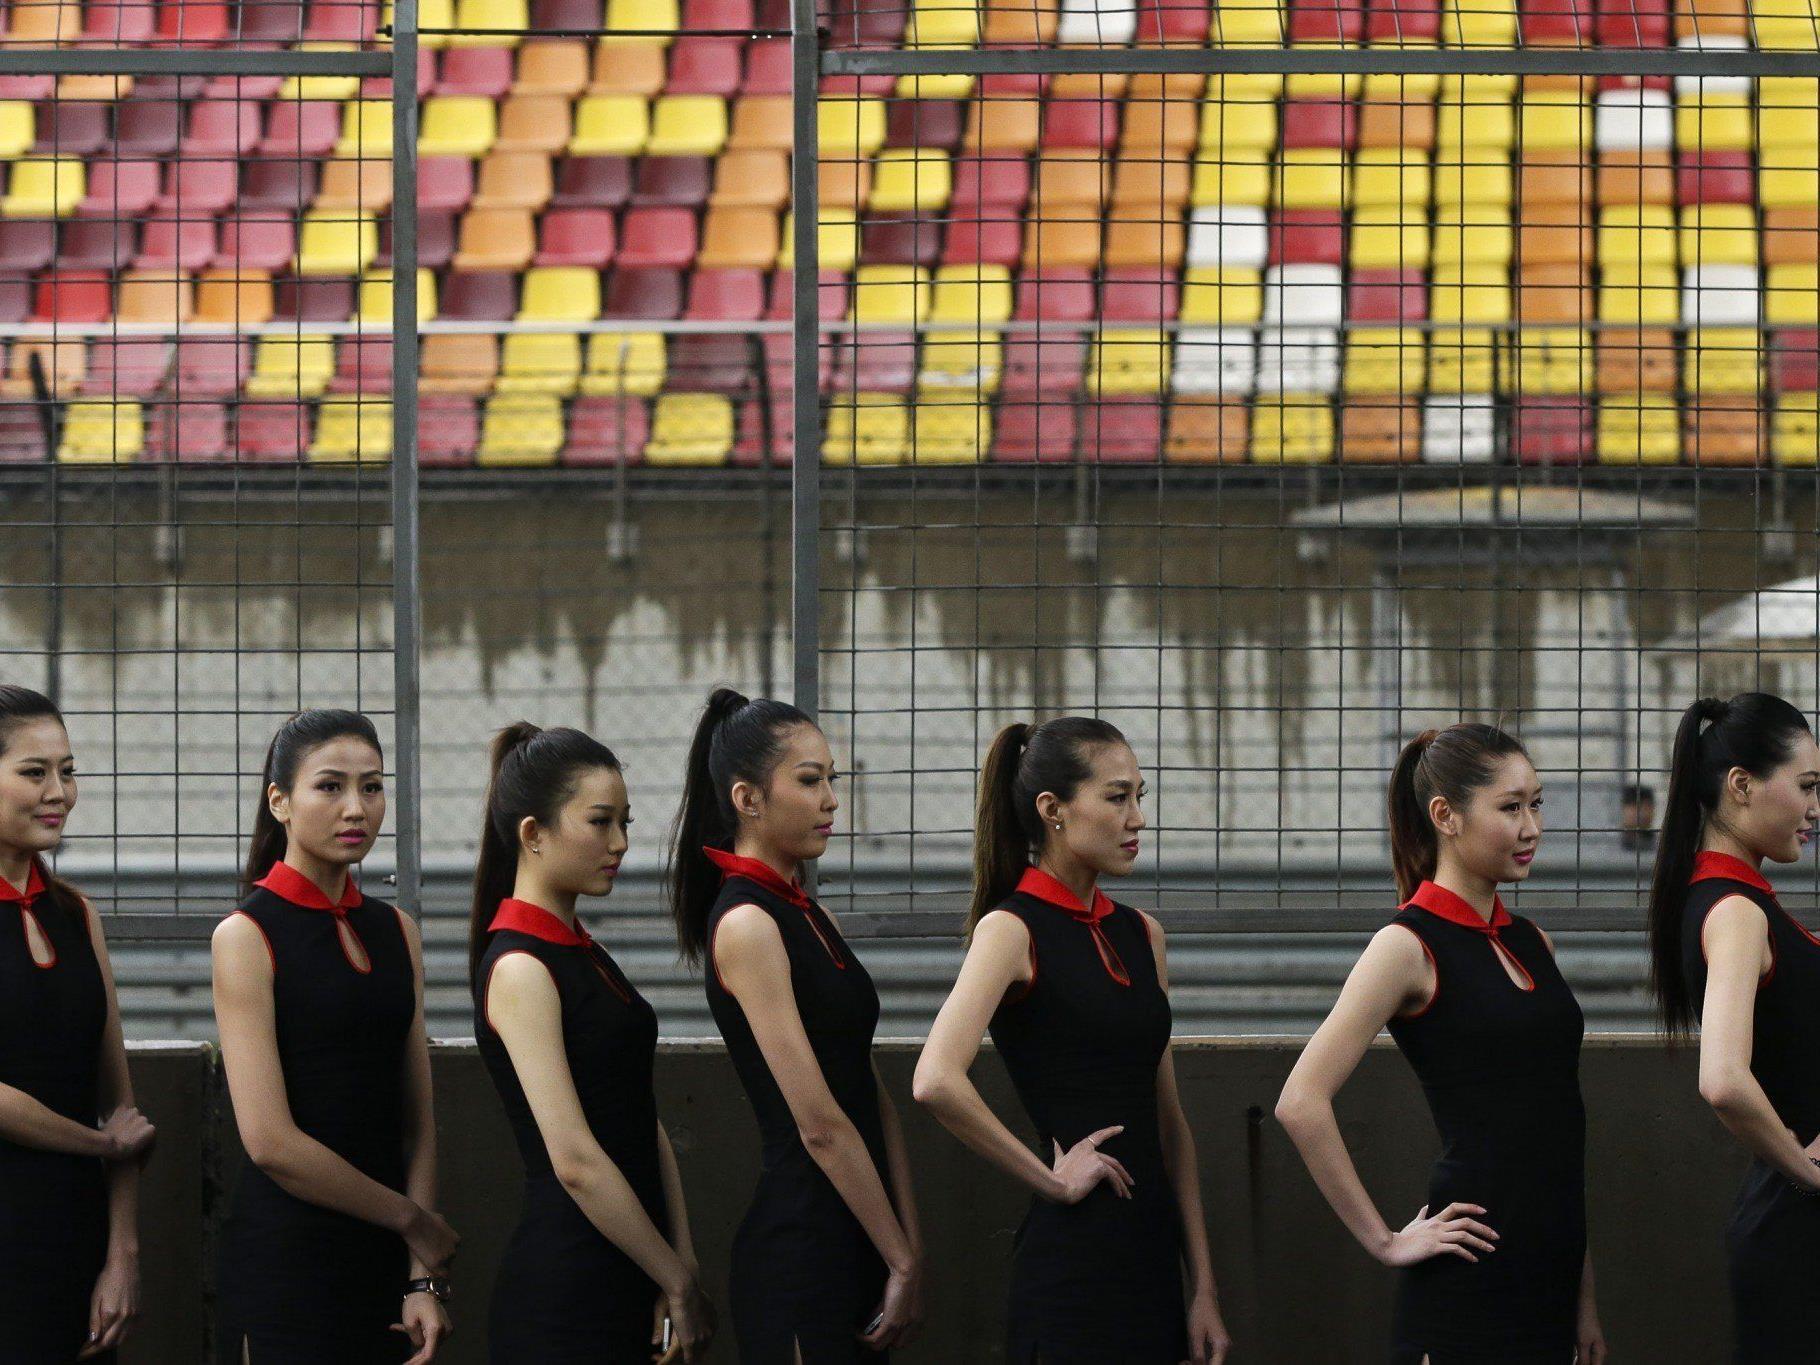 Der Veranstalter des China-GP stellte den grid Girls keine Umkleidekabinen zur Verfügung.